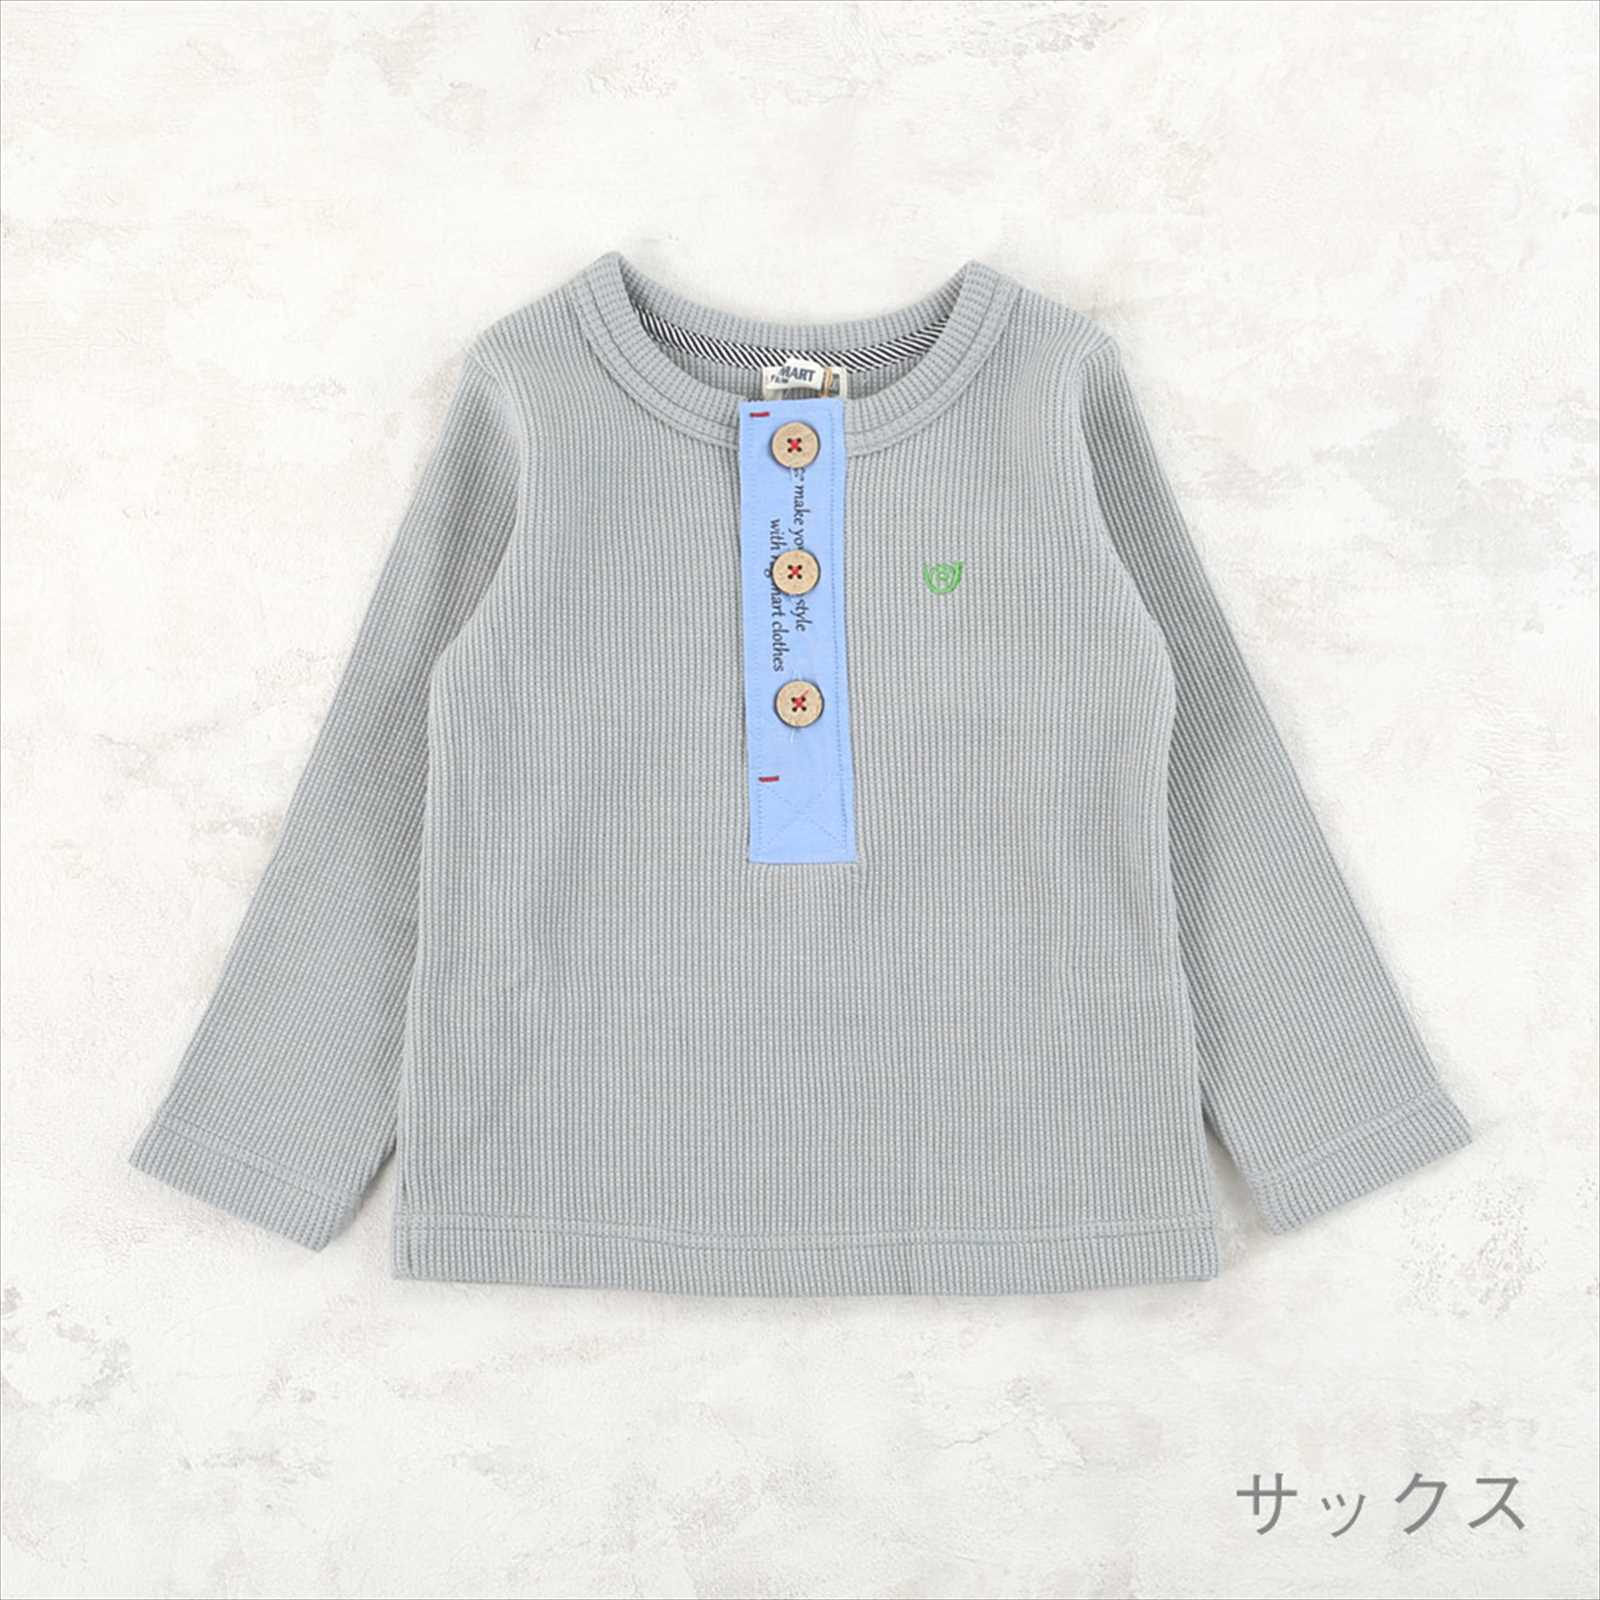 【セール】ワッフル生地Tシャツ